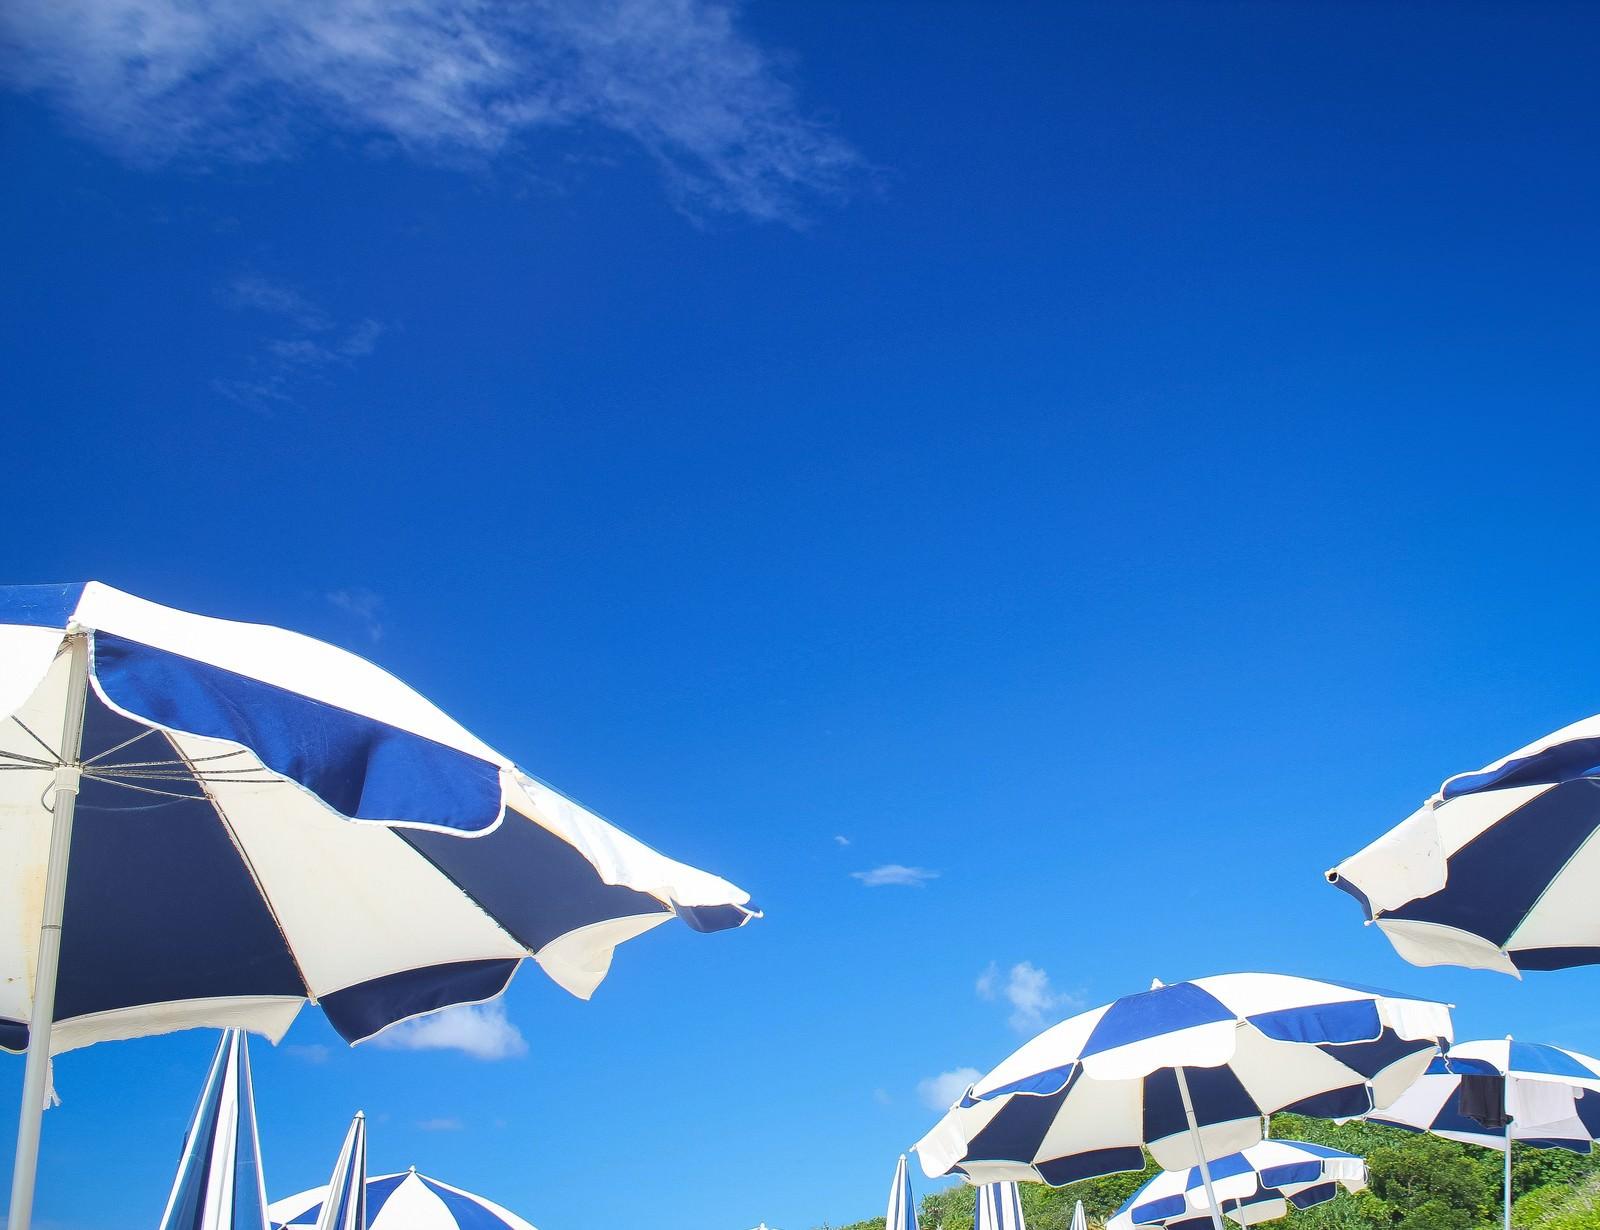 「ビーチパラソルビーチパラソル」のフリー写真素材を拡大